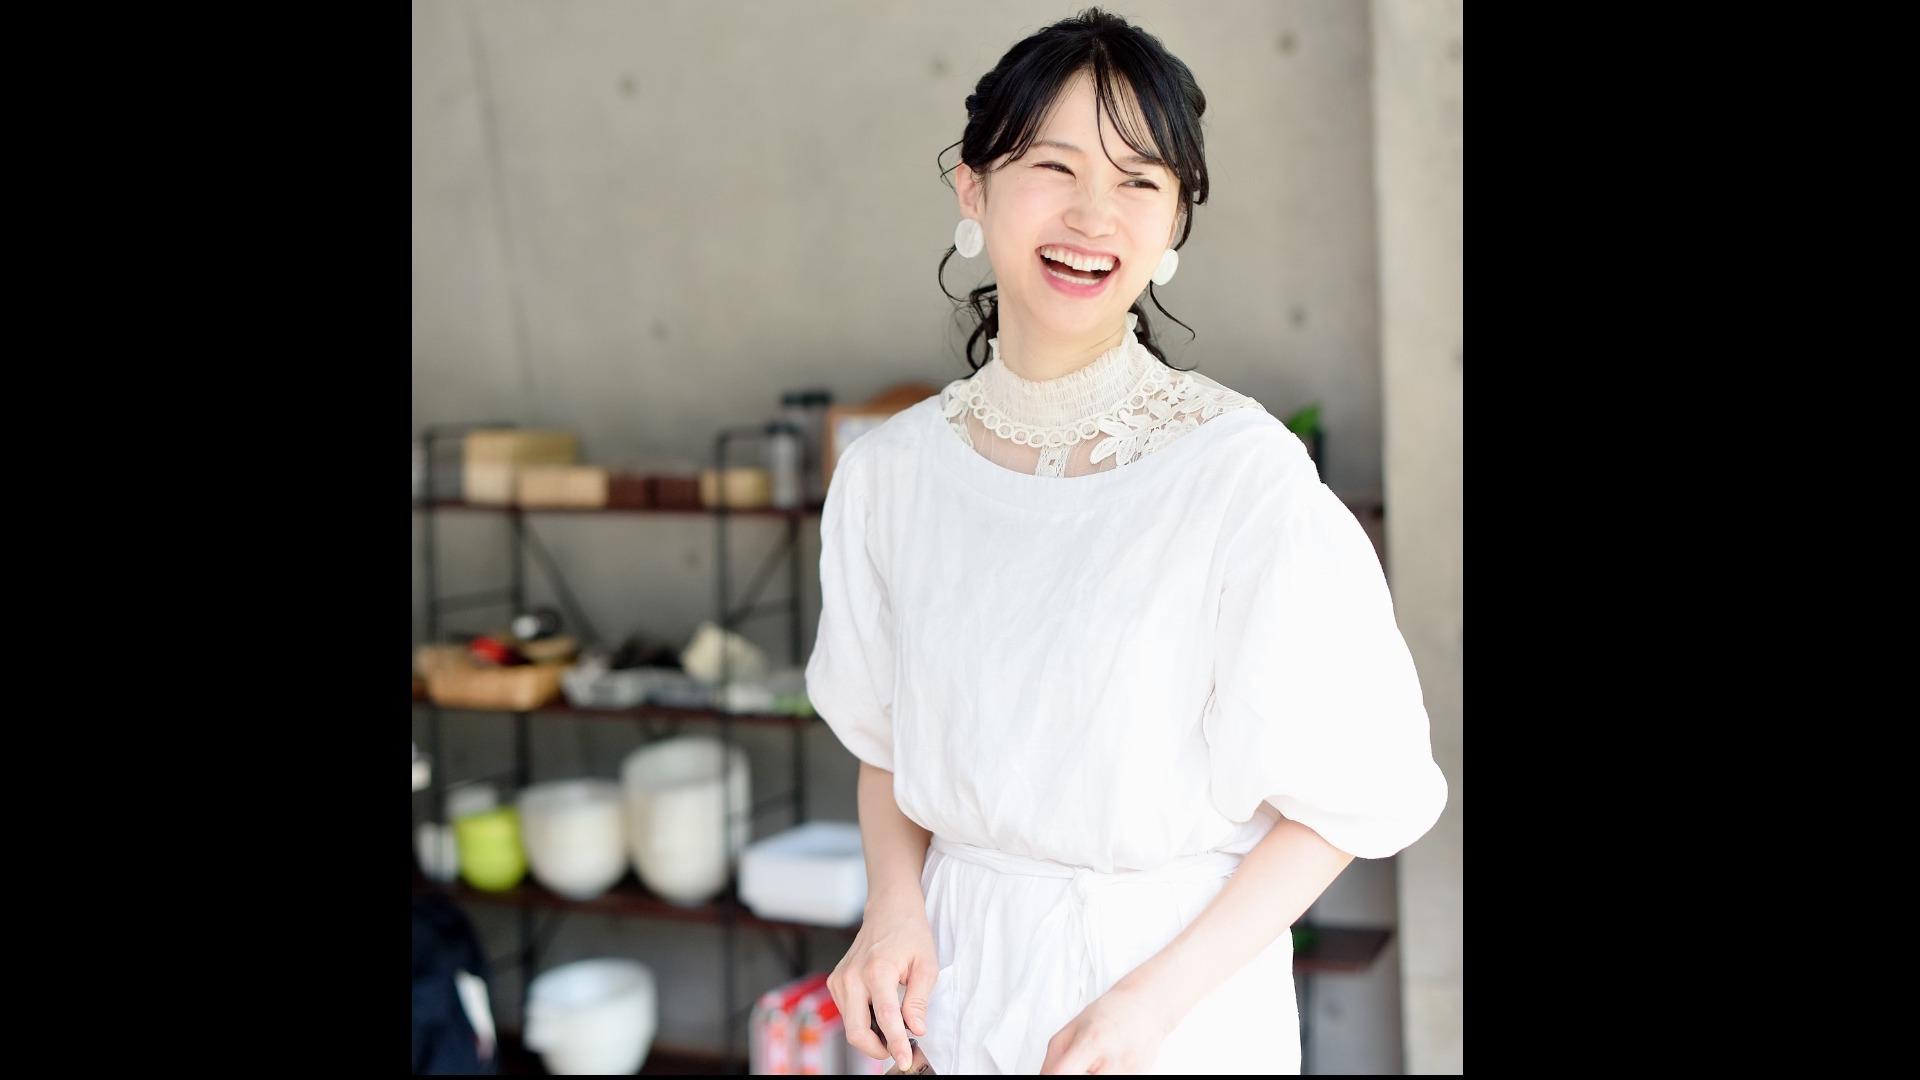 (社)日本インナービューティーダイエット協会 代表理事 ・管理栄養士・インナービューティープランナー®︎